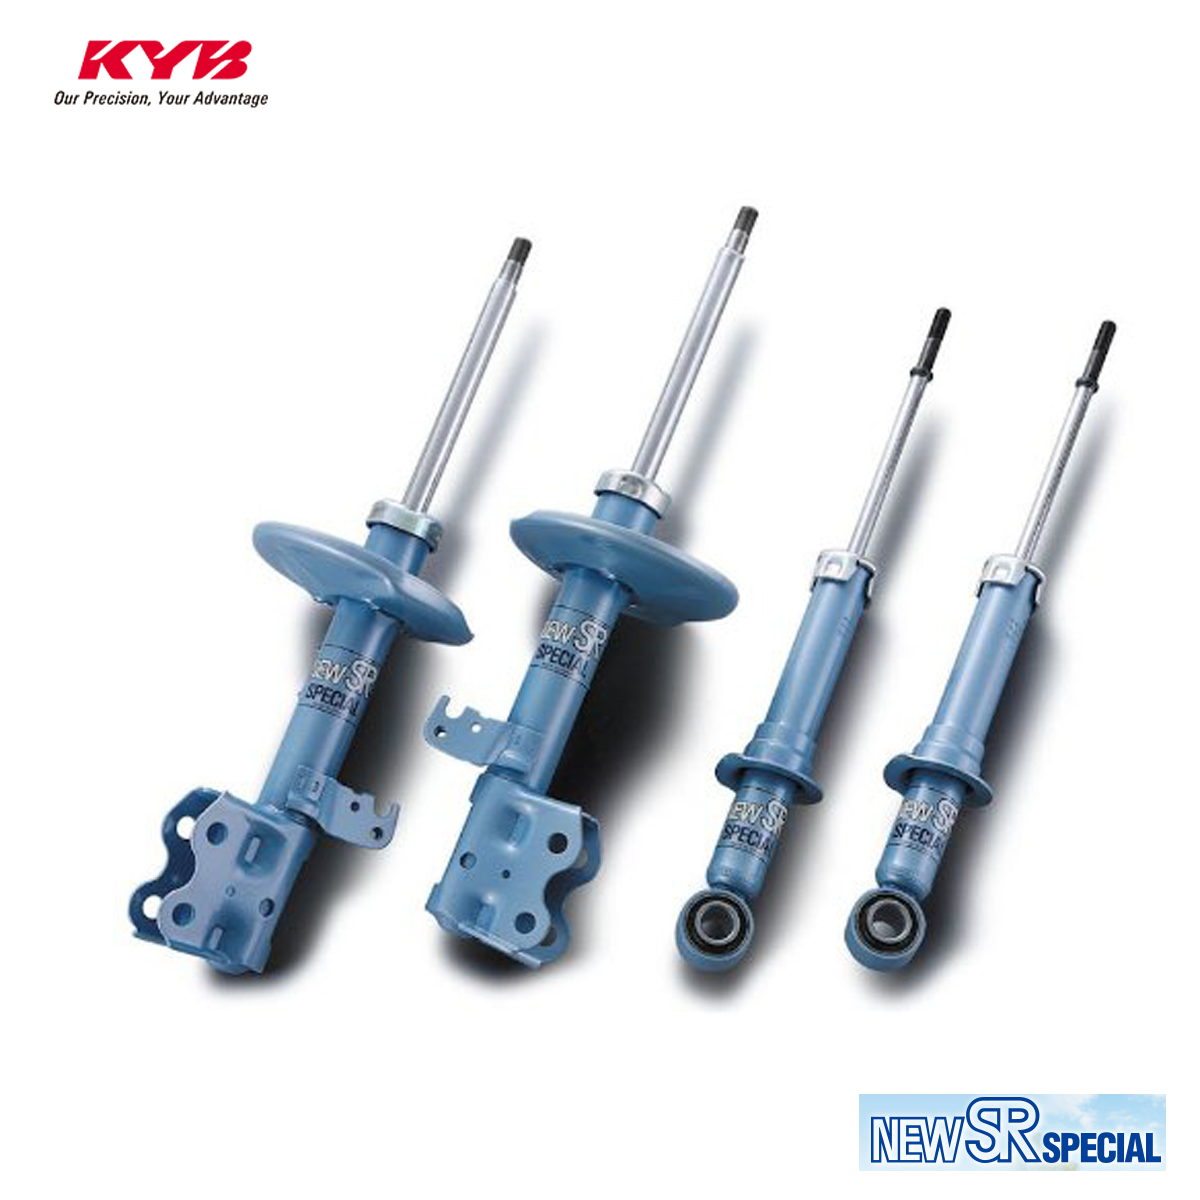 KYB カヤバ ヴェゼル RU4 ショックアブソーバー フロント 右用 1本 NEW SR SPECIAL NST5690R 配送先条件有り